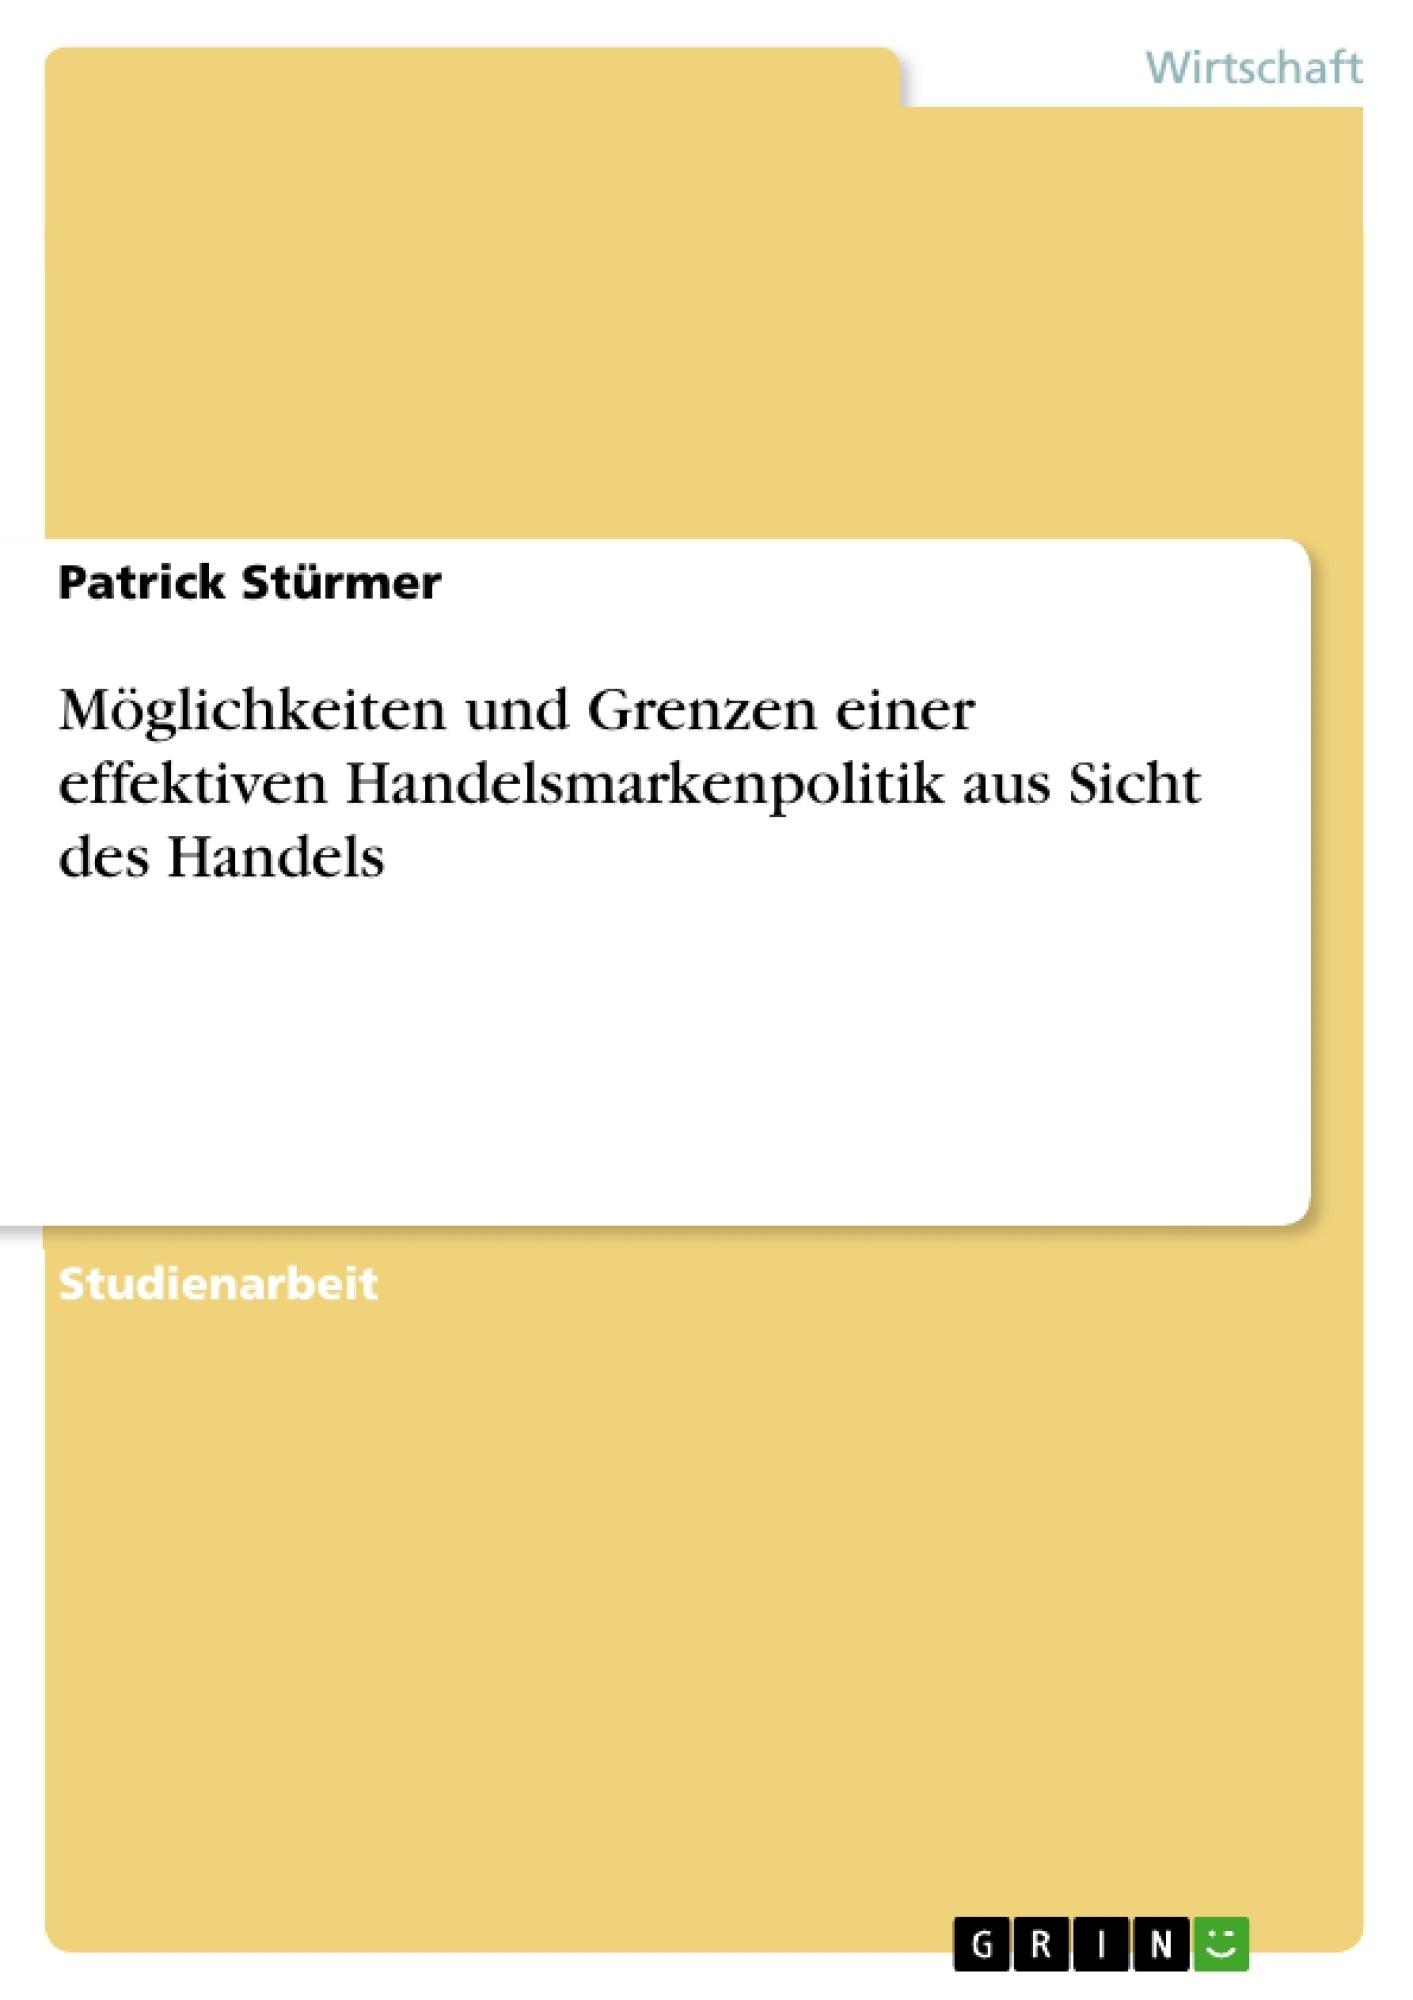 Titel: Möglichkeiten und Grenzen einer effektiven Handelsmarkenpolitik aus Sicht des Handels